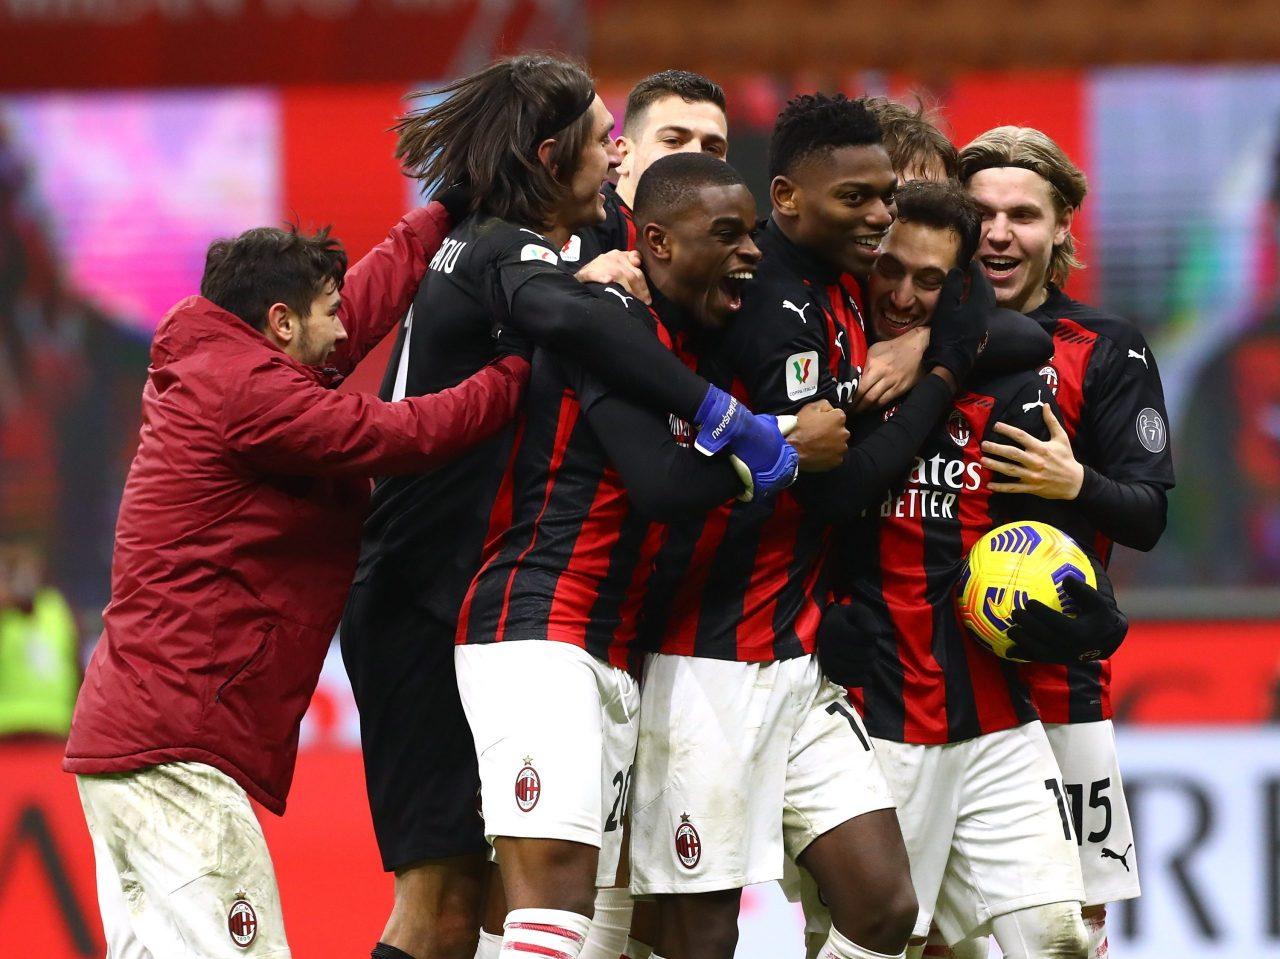 Serie A, classifica senza rigori   Milan fuori dalla Champions! Juve seconda